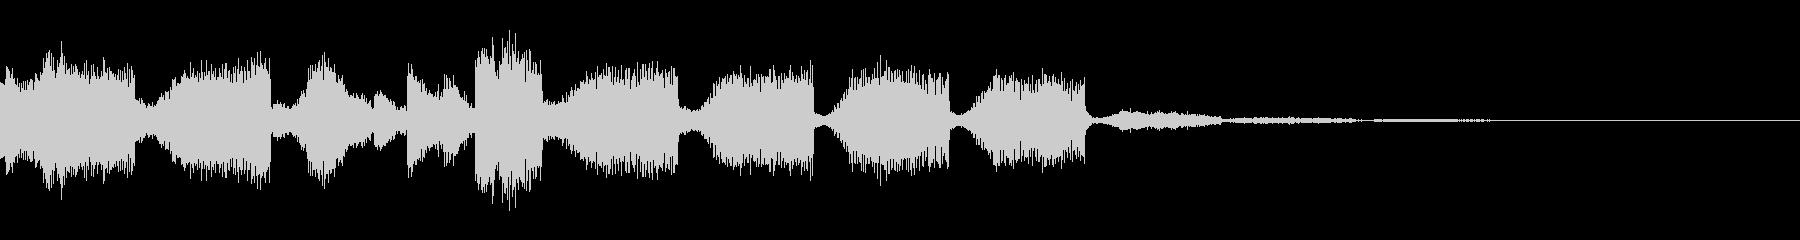 【ロゴ、ジングル】EDM04の未再生の波形